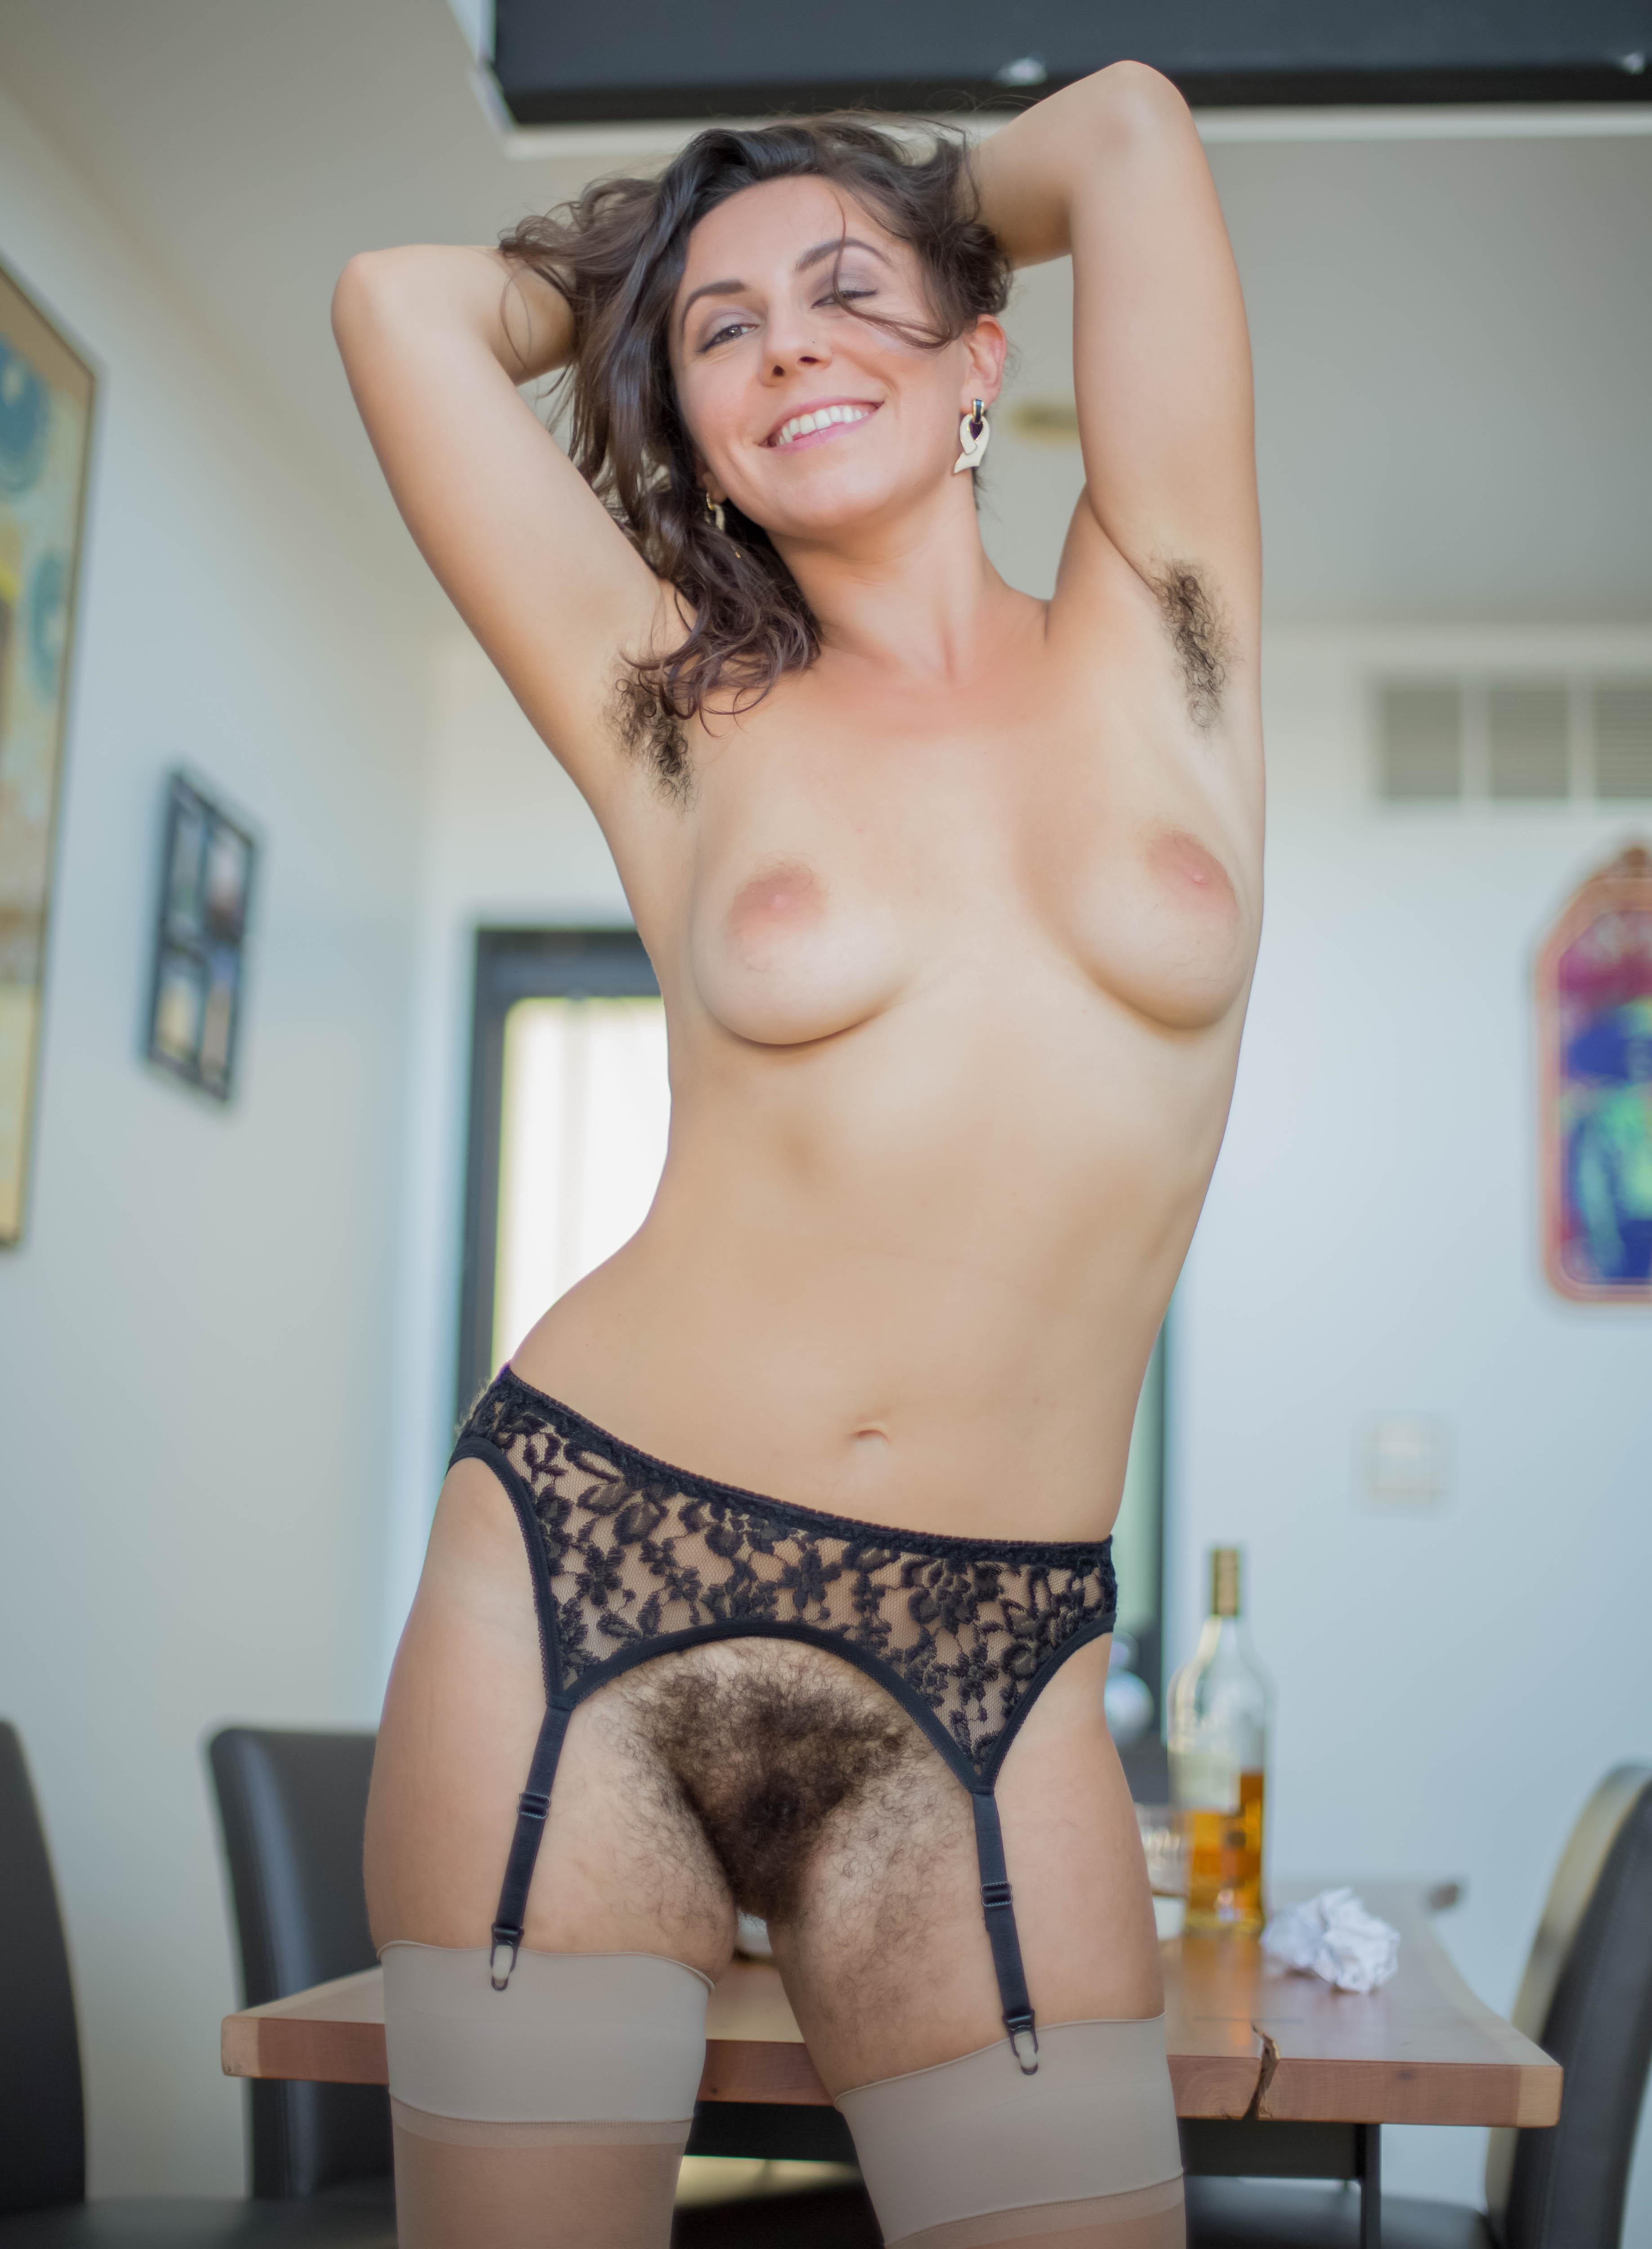 Nikki_Type